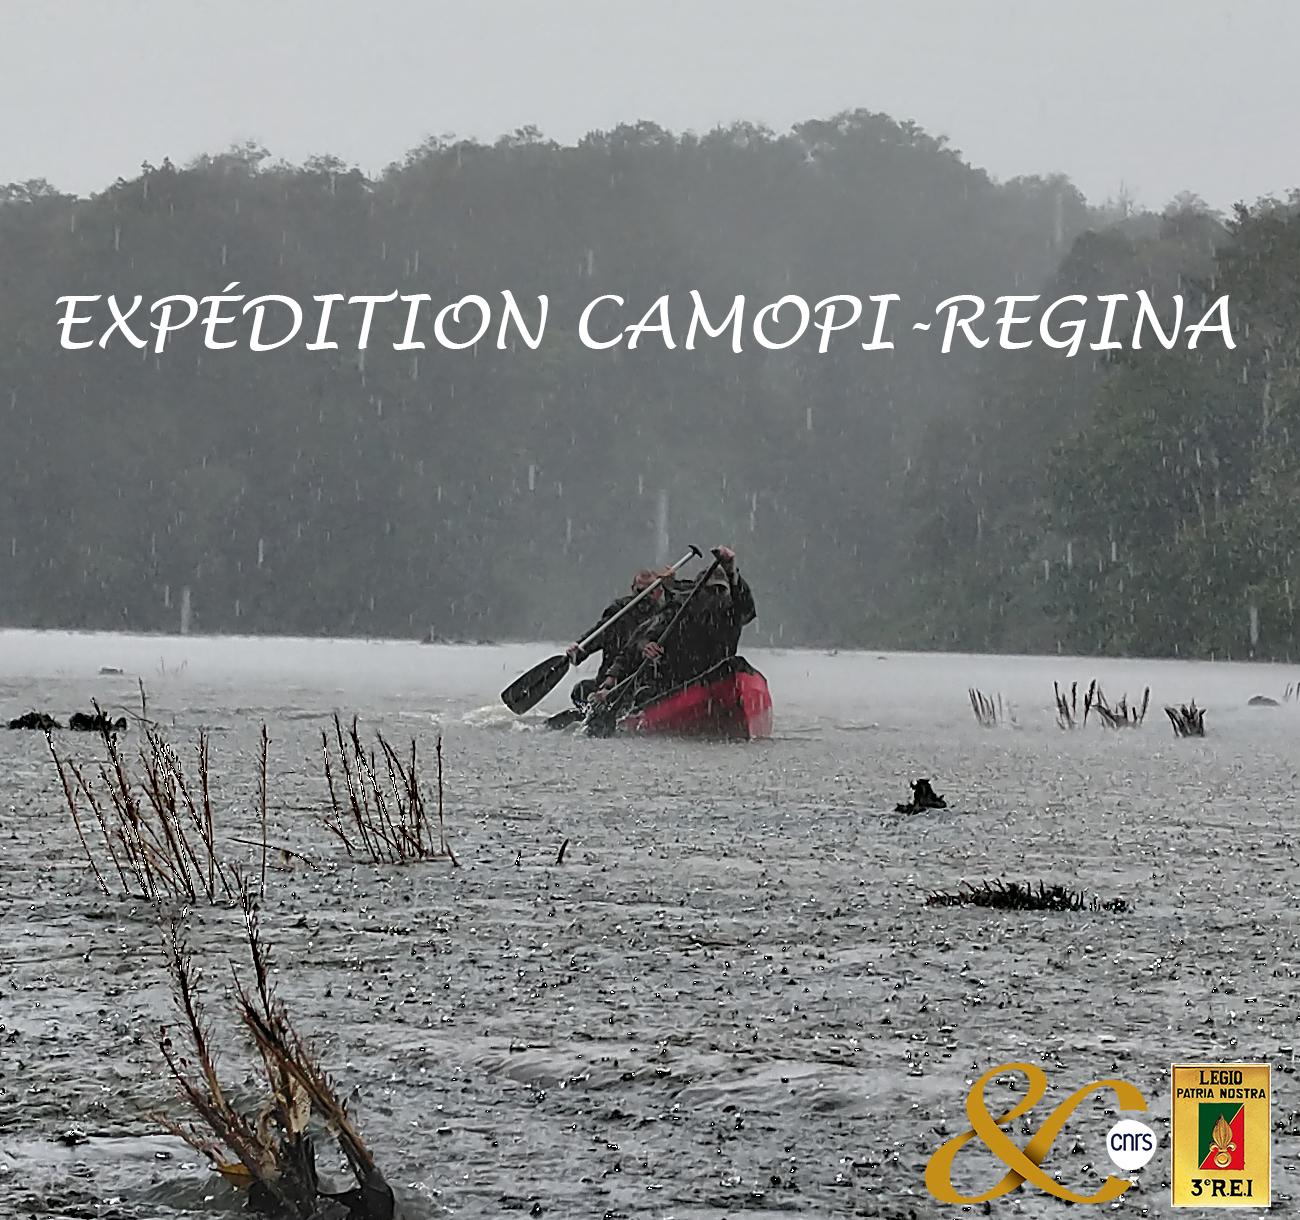 Expédition Camopi-Regina